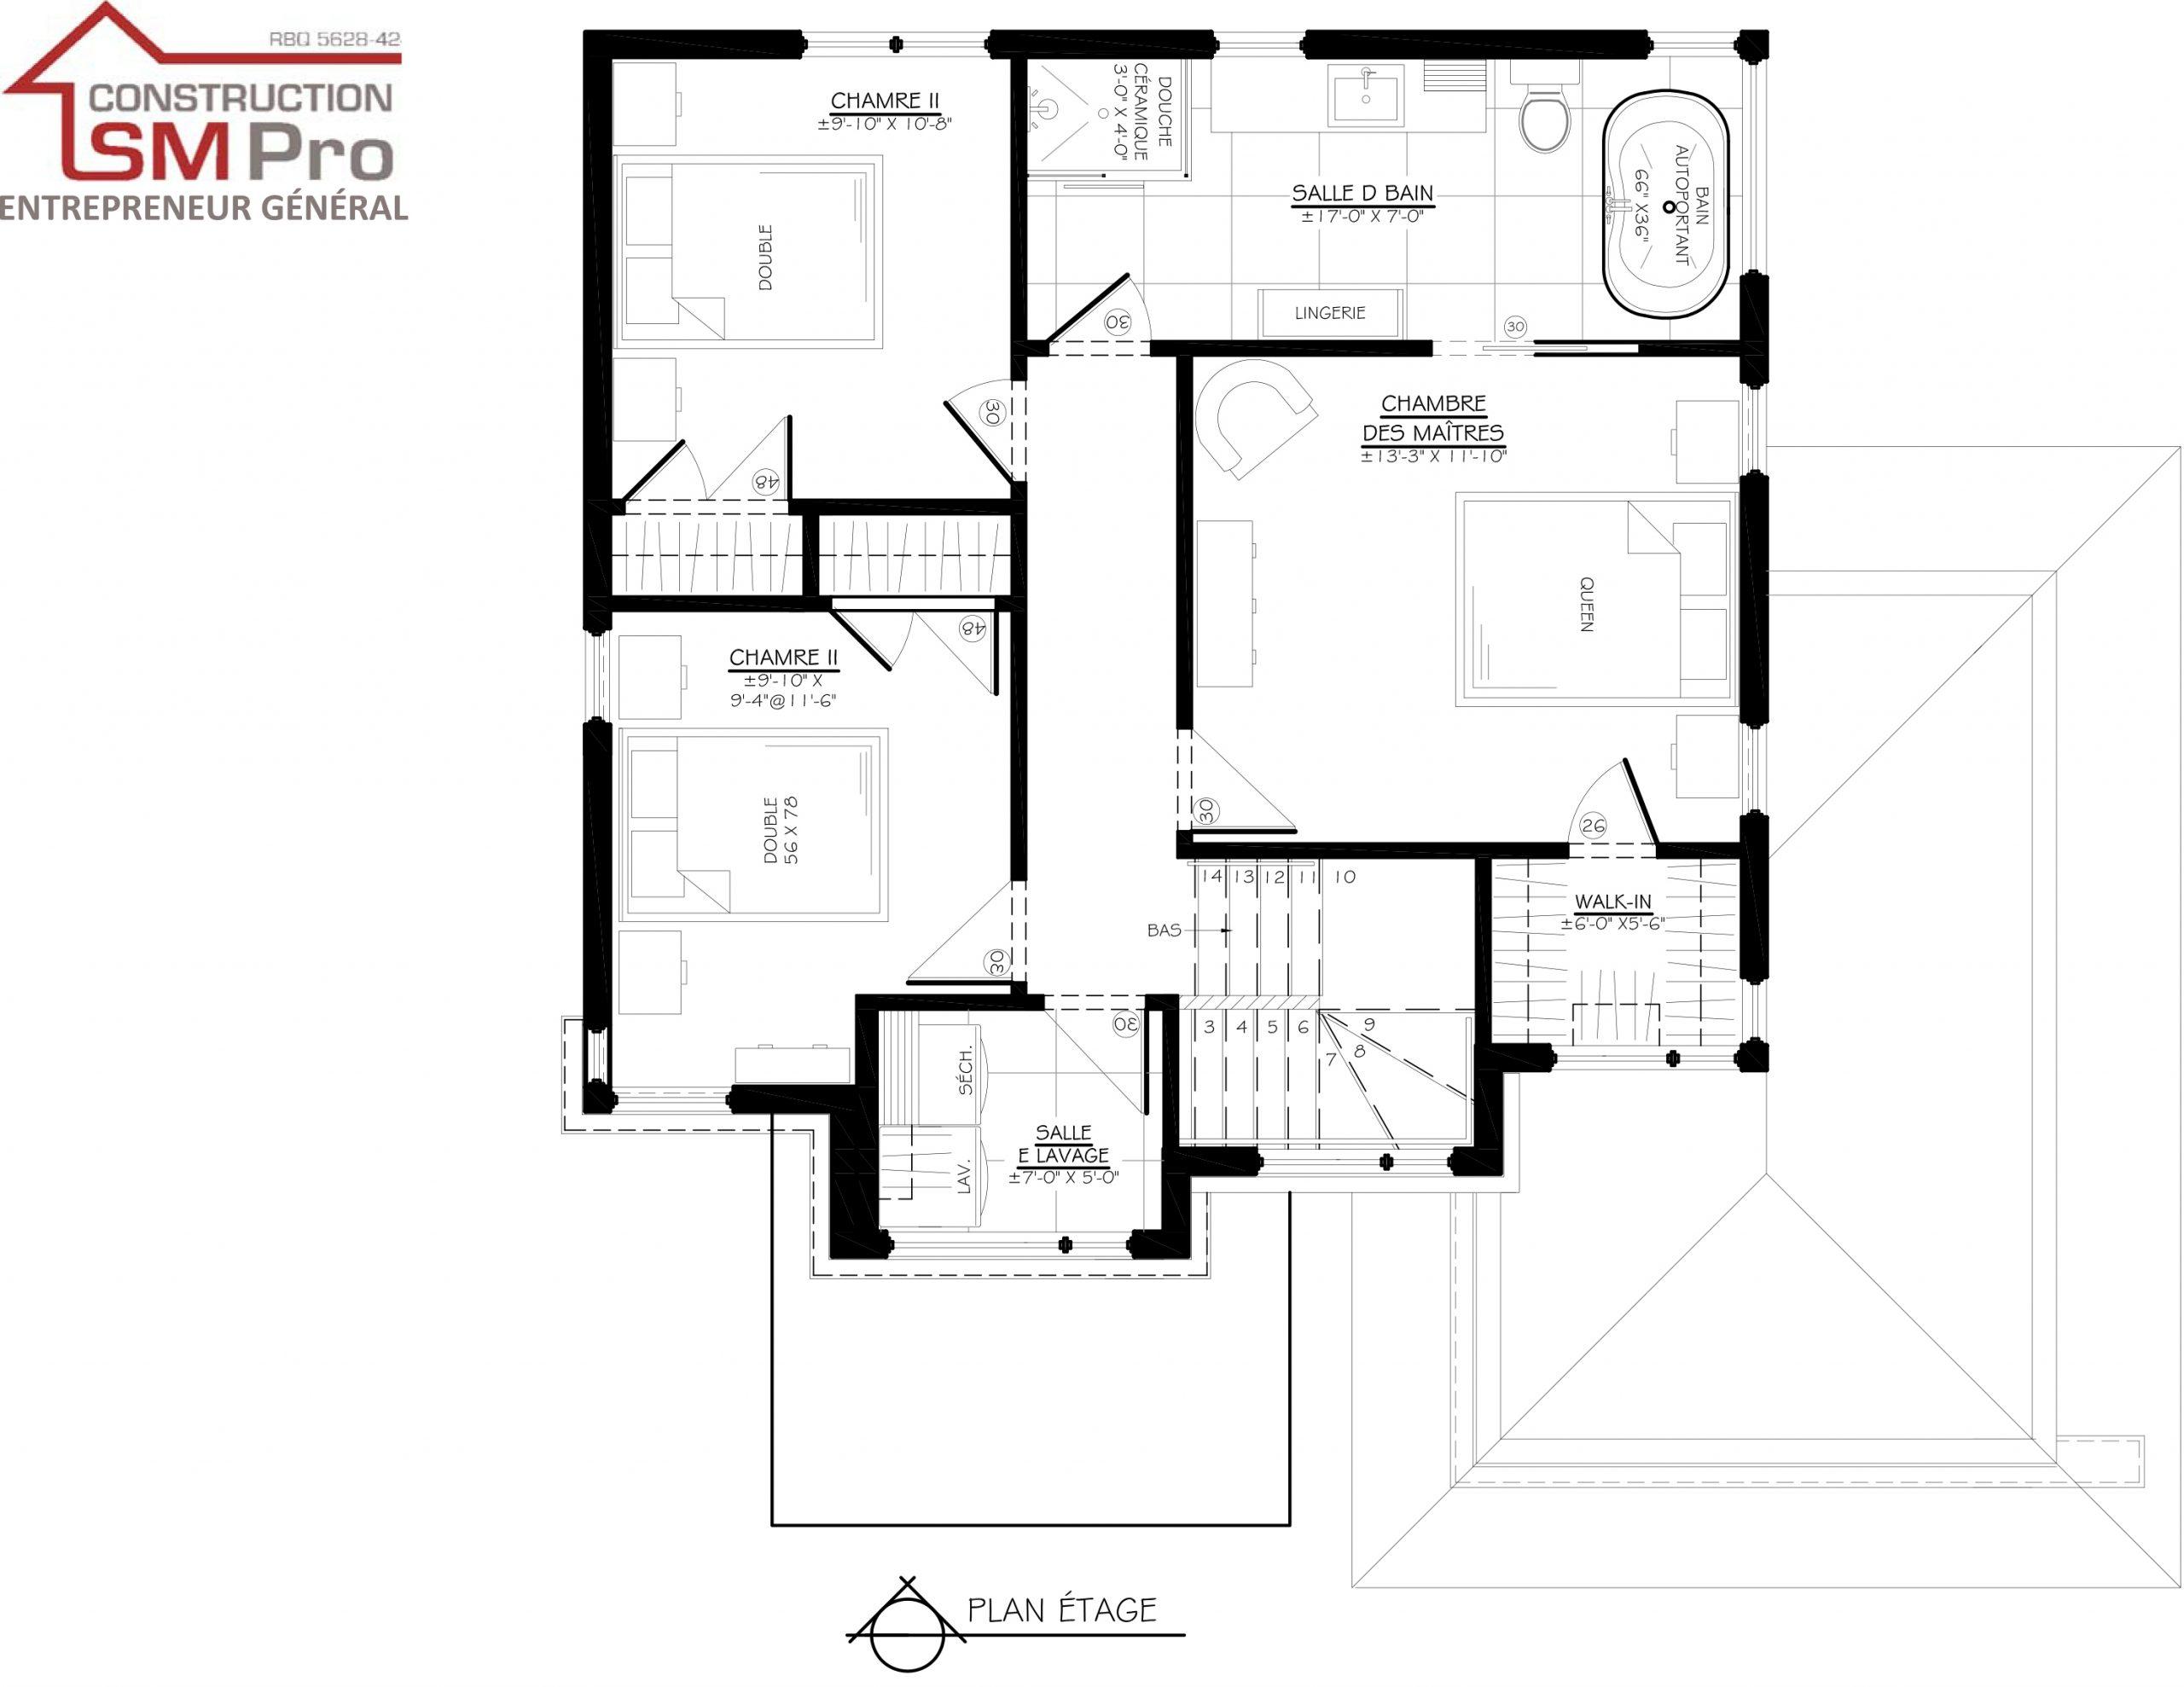 Construction SM Pro image modele ALEANZA Etage